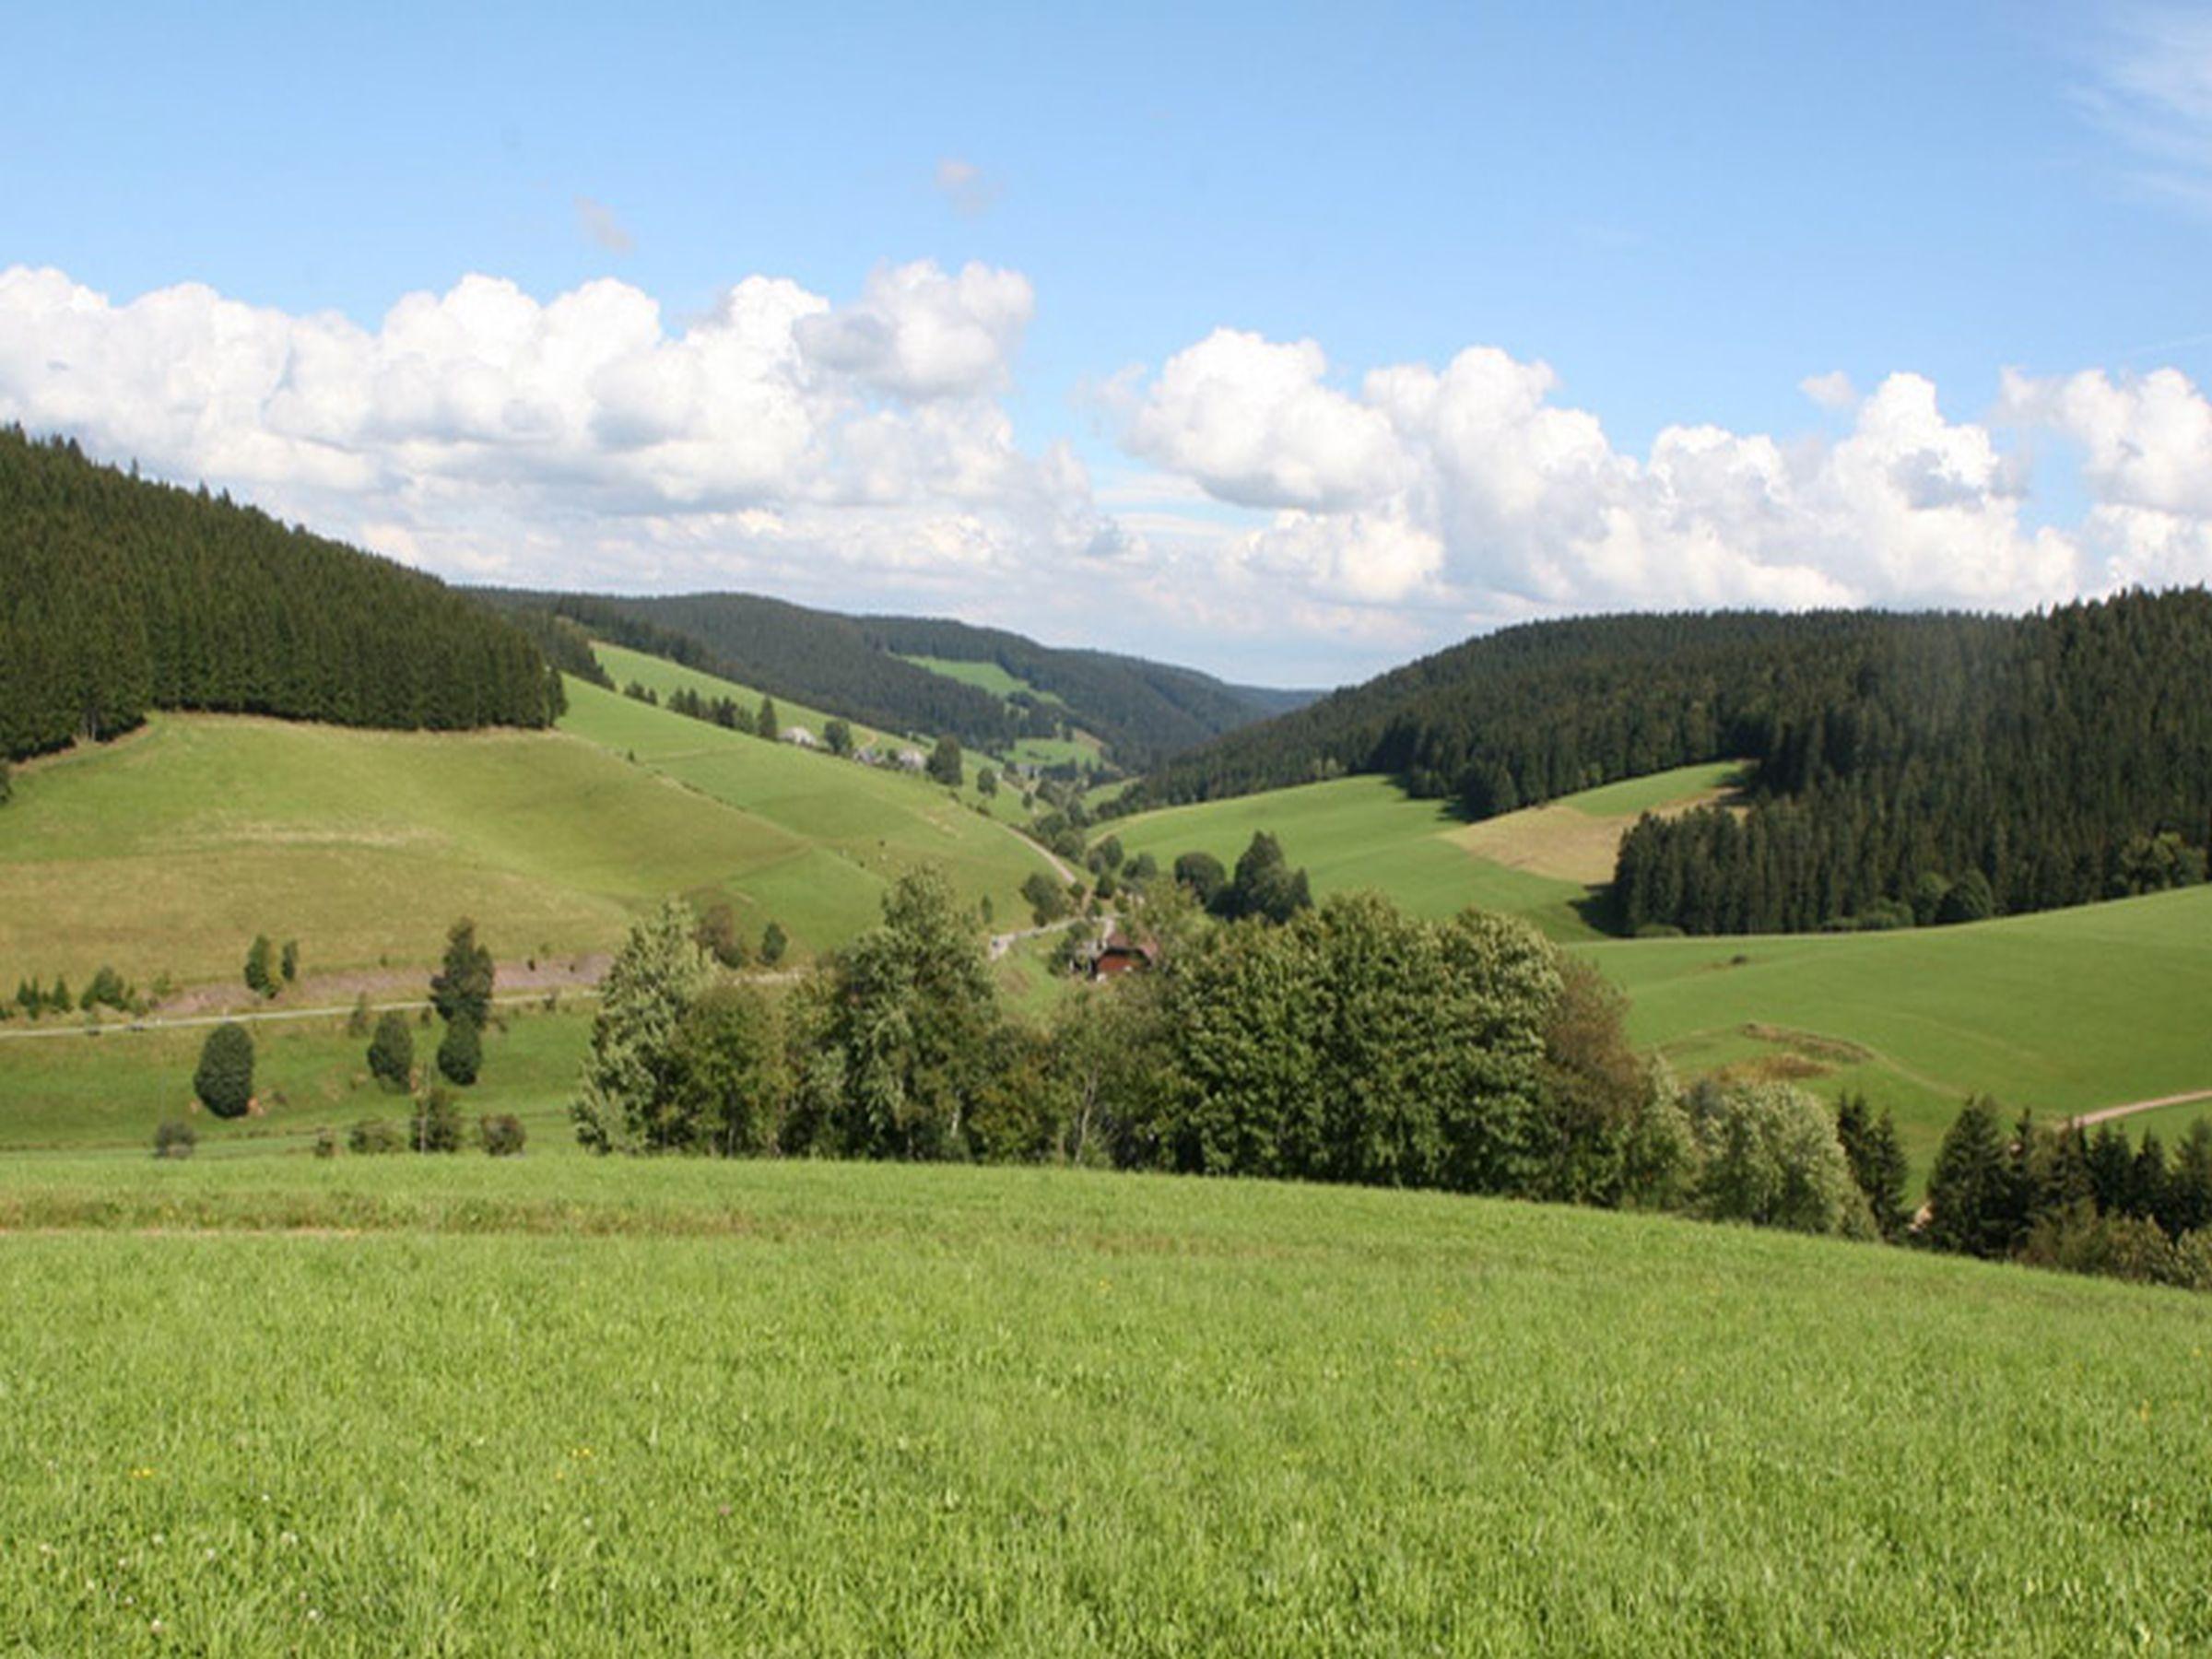 Ferienwohnung Altvogtshof, (Furtwangen). Ferienwohnung Lothar, 80qm, 2 Schlafräume, max. 4 Personen (2717422), Furtwangen, Schwarzwald, Baden-Württemberg, Deutschland, Bild 22